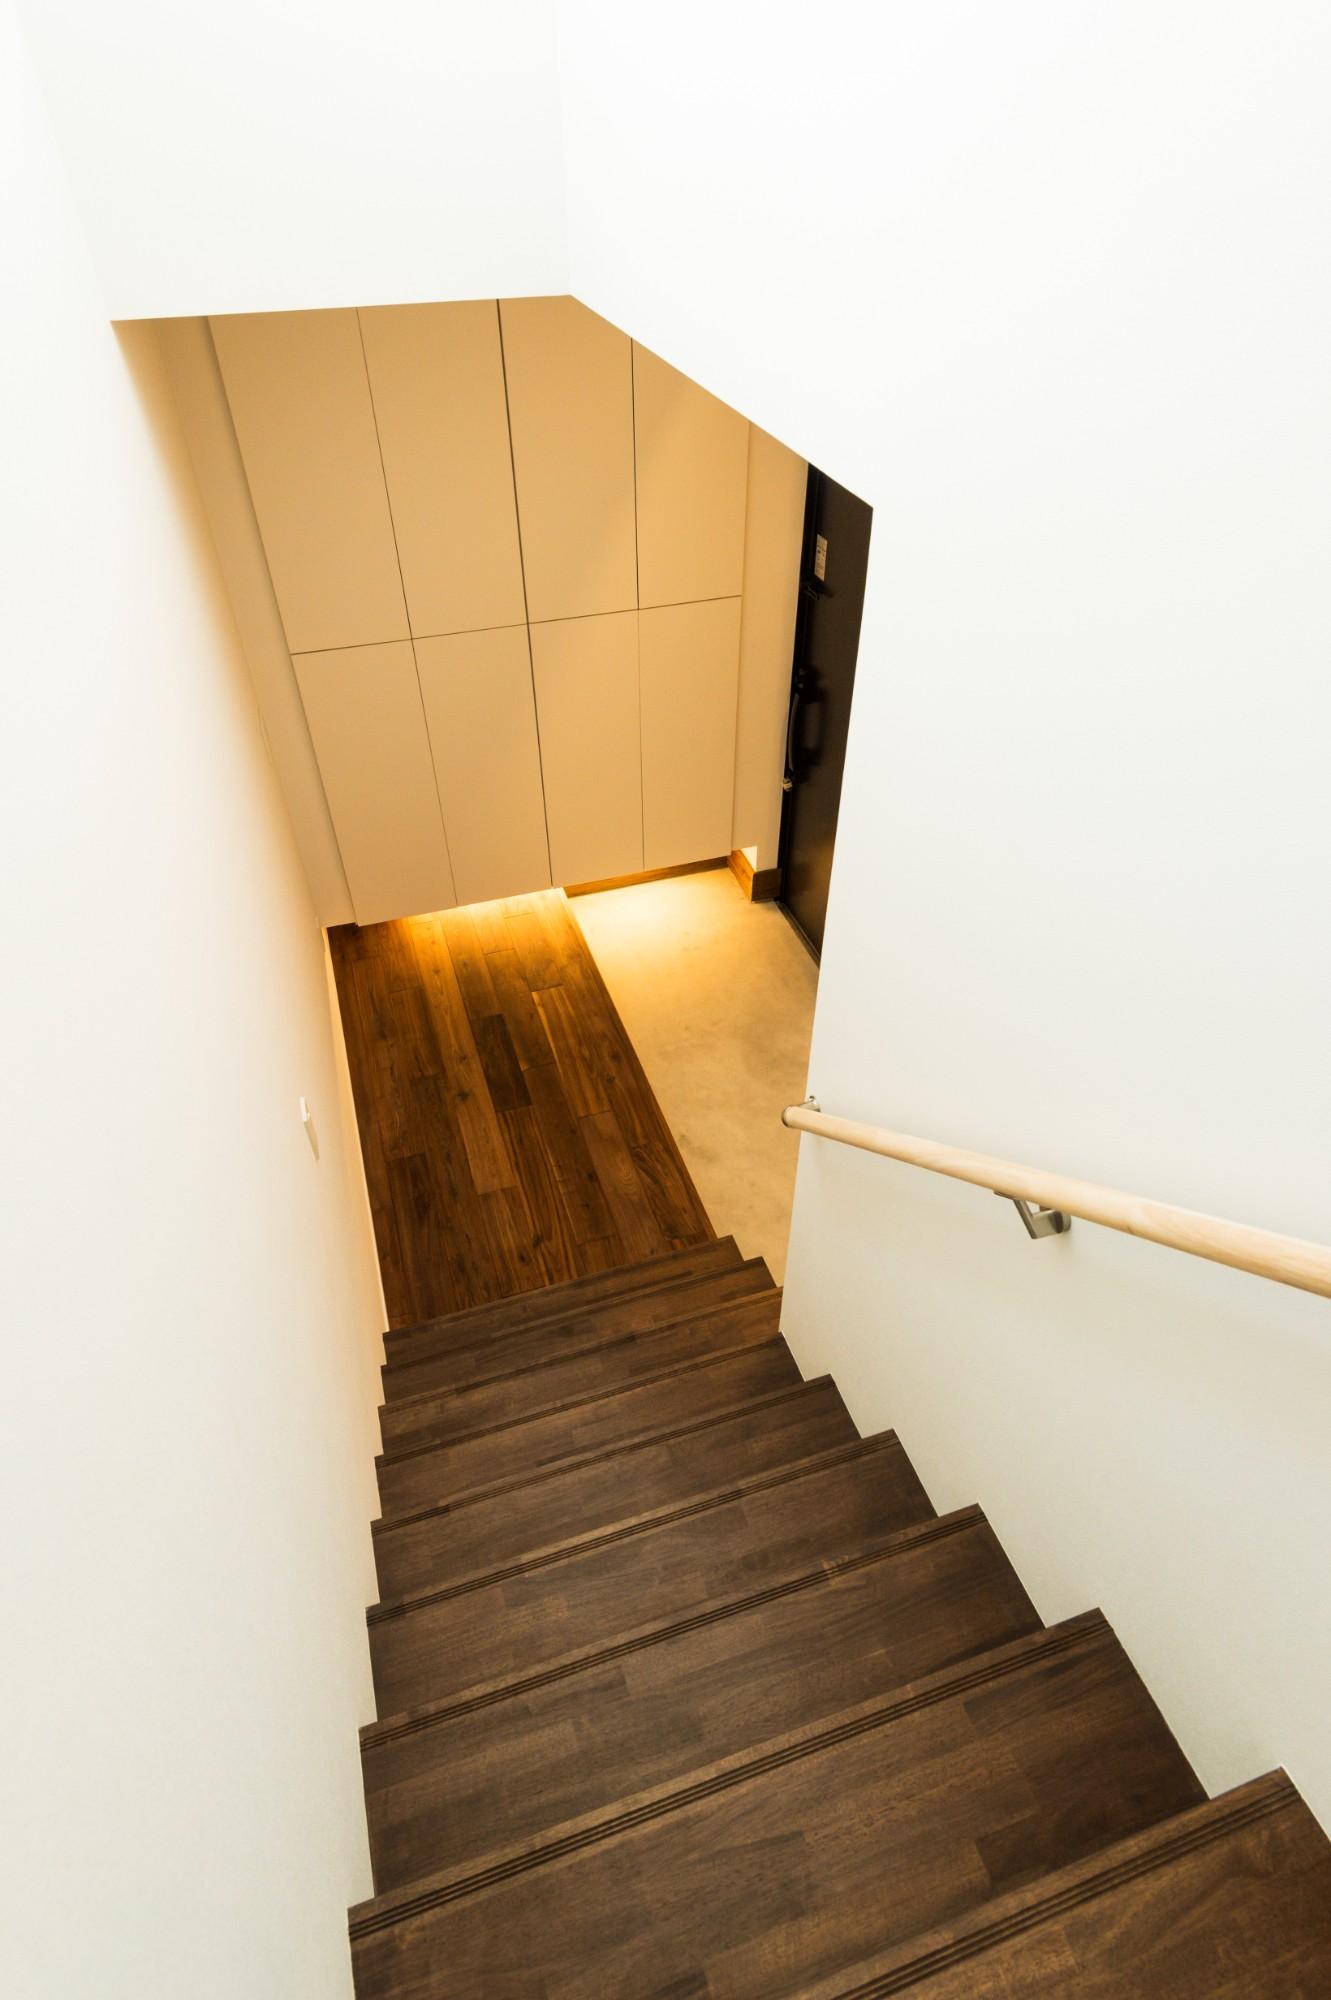 フクダハウジング株式会社「住む人の個性や楽しみを追求した家」のシンプル・ナチュラルな玄関の実例写真